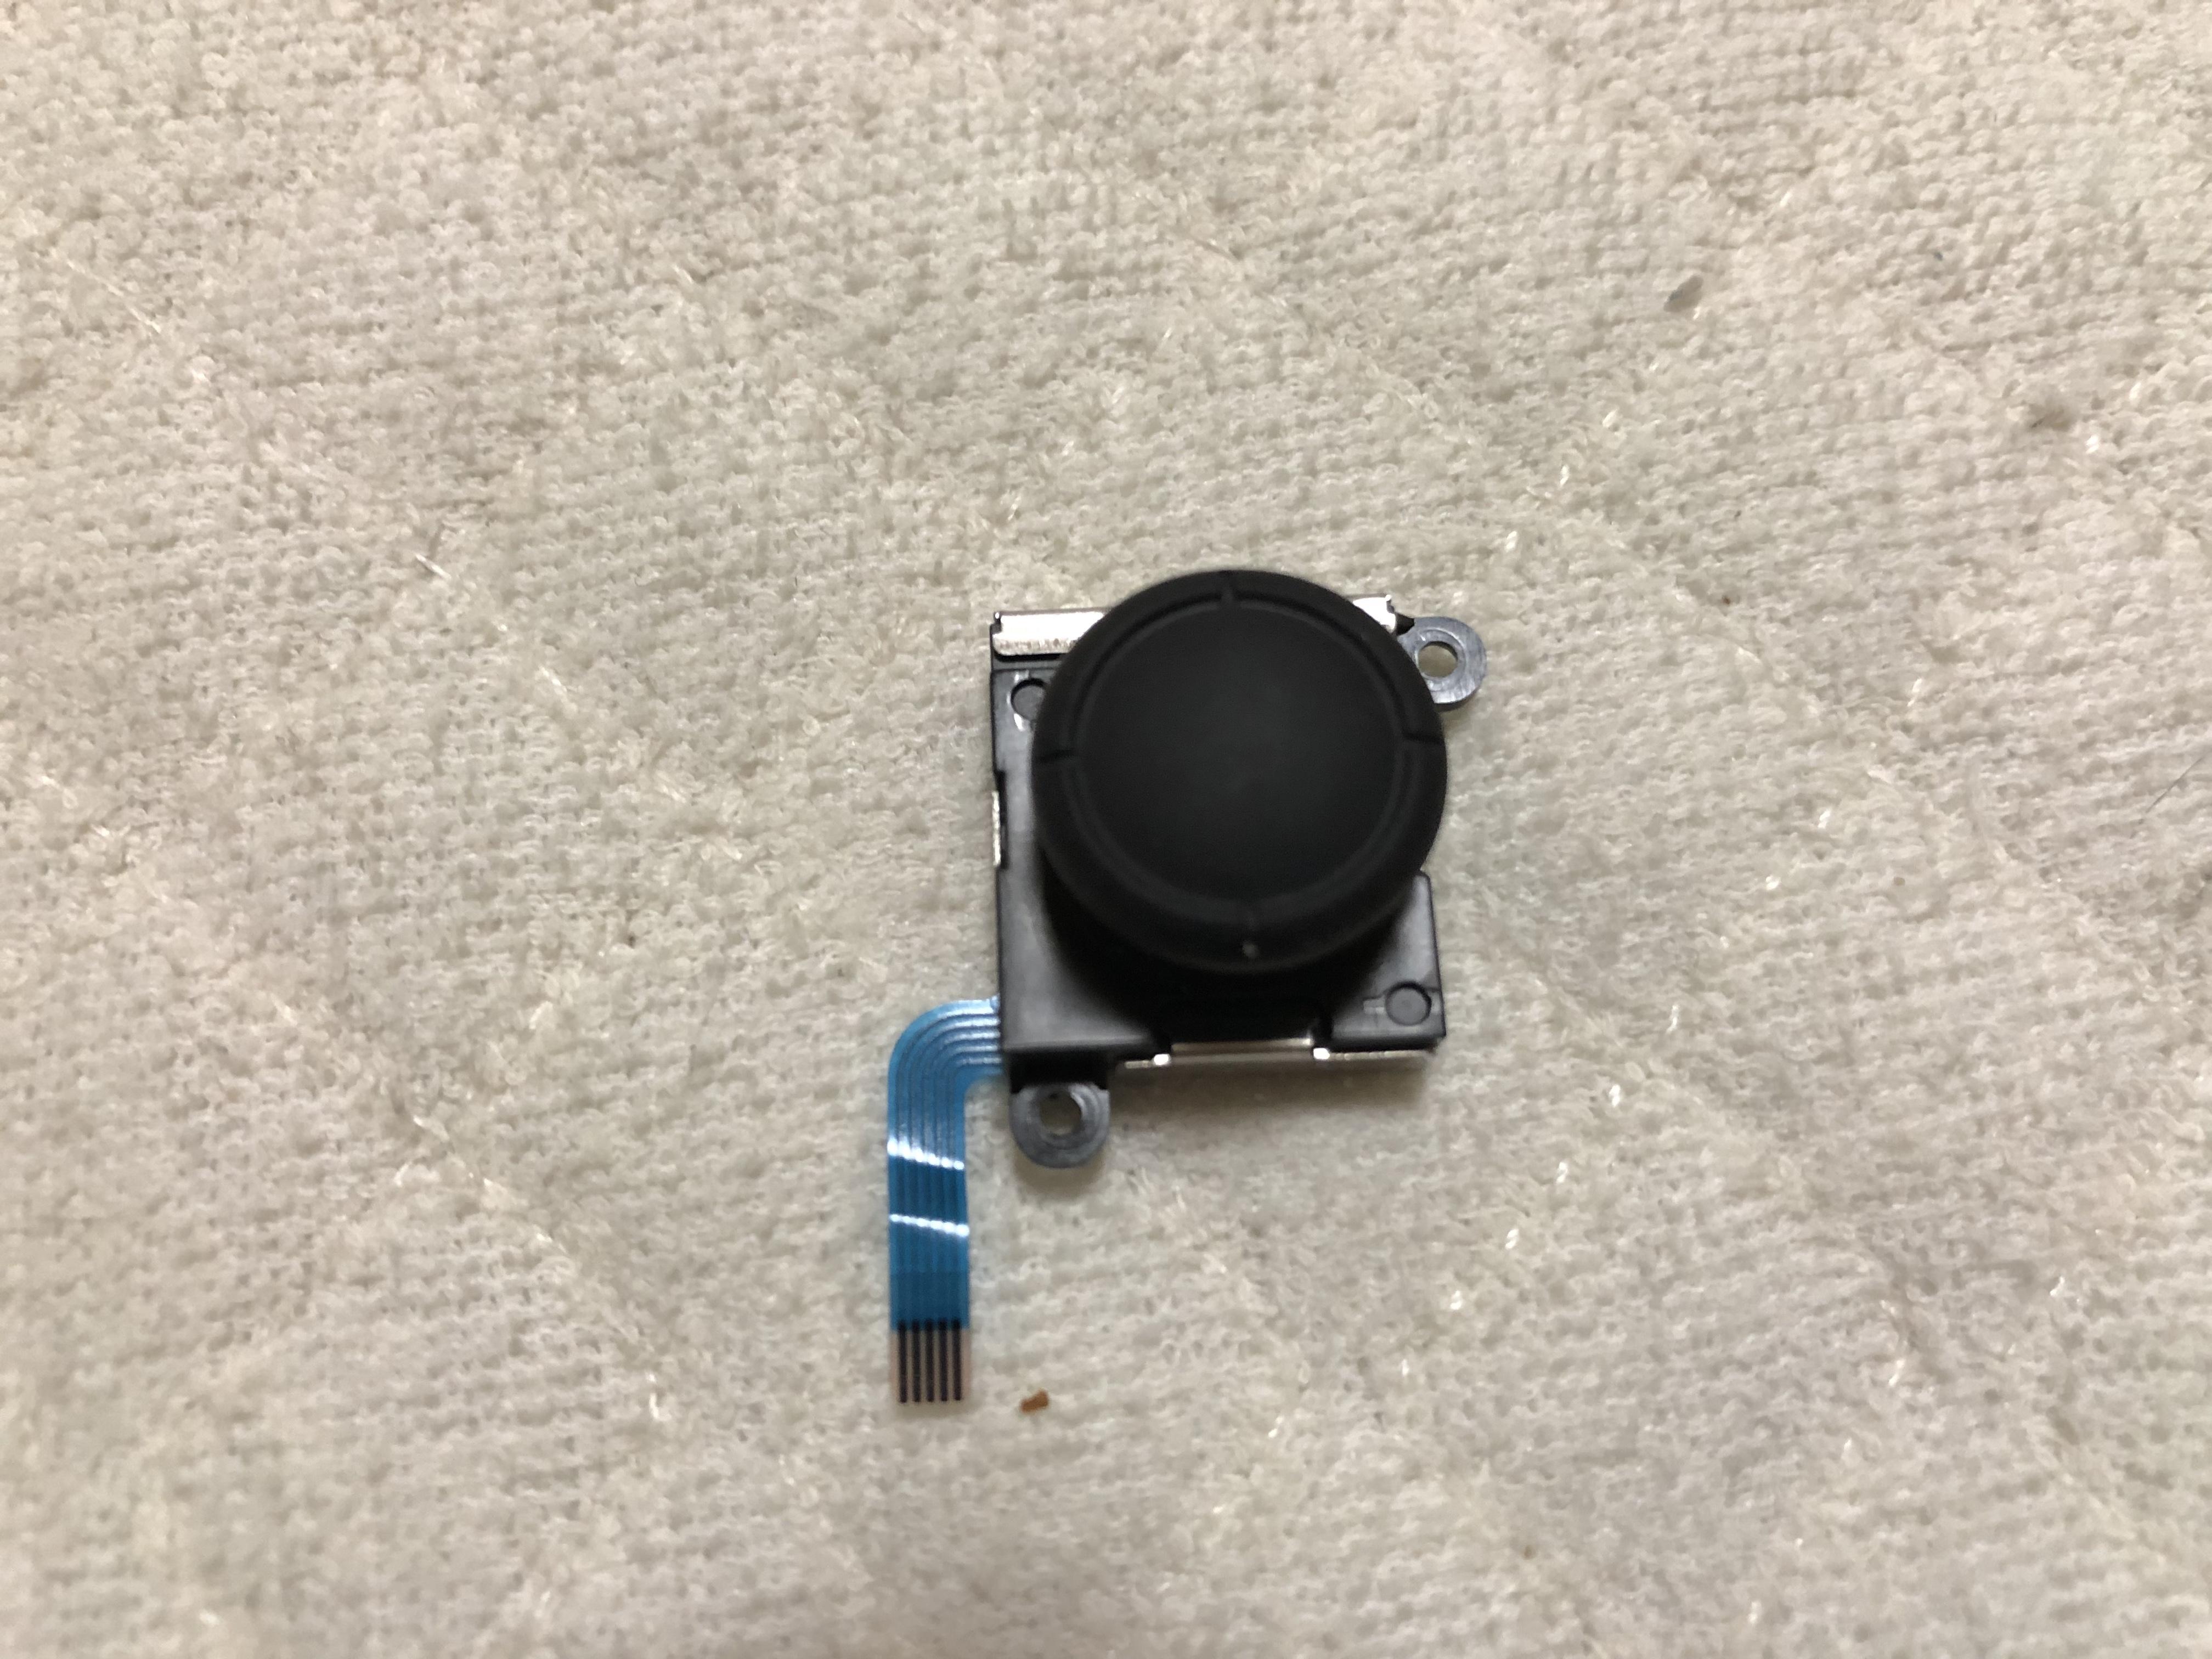 img 0365 1 - 【修理日記】Nintendo SwitchのJoy-Con 壊れたアナログスティックを部品取り寄せて自分で修理してみた。【ニンテンドースイッチ】